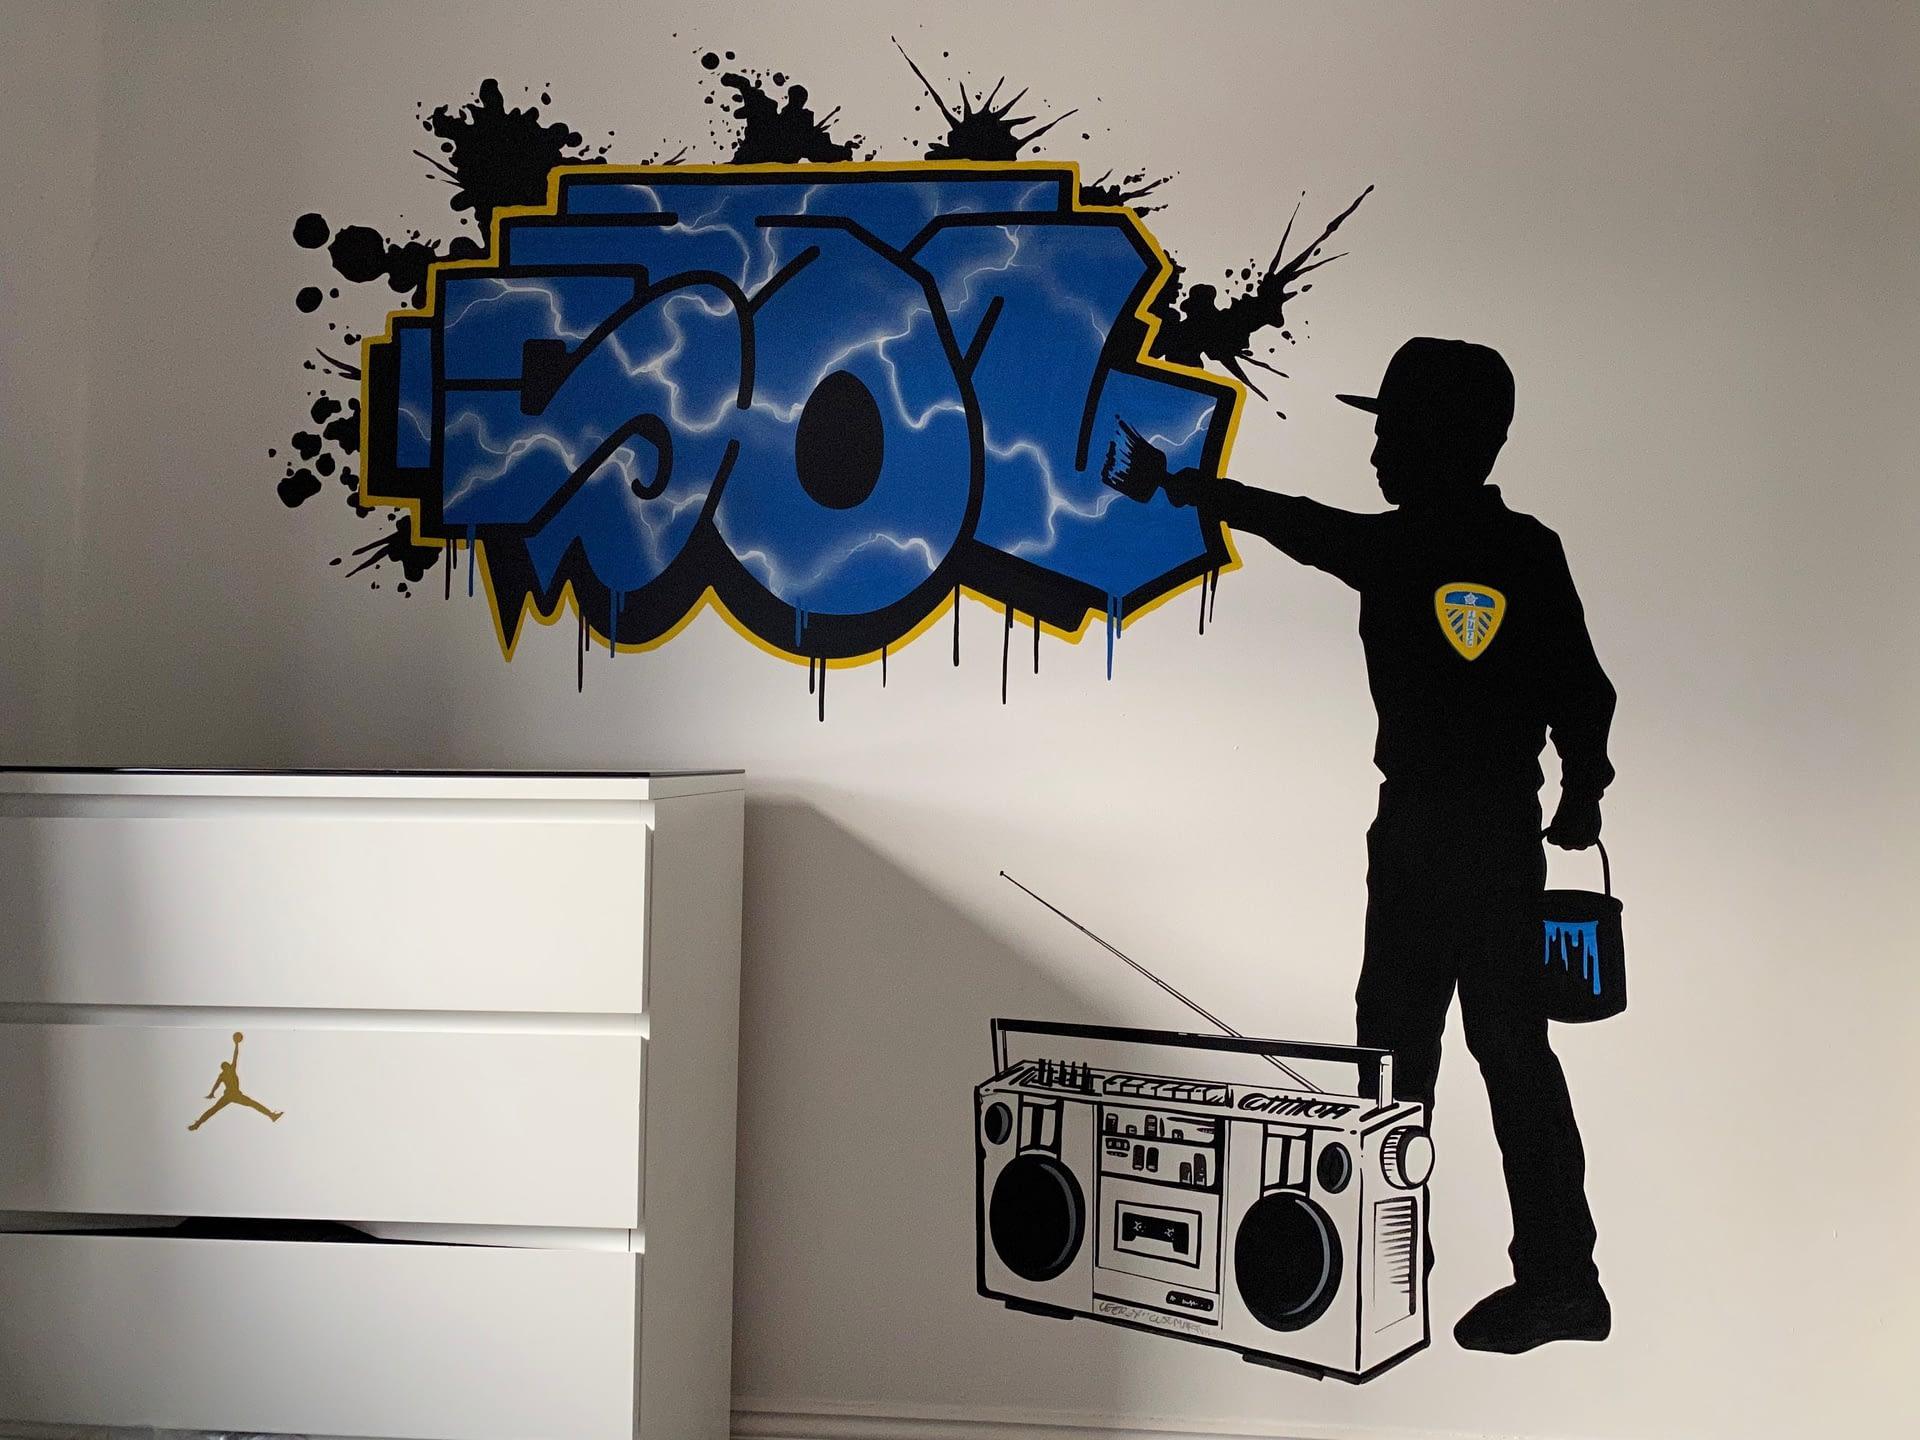 Sol Graffiti